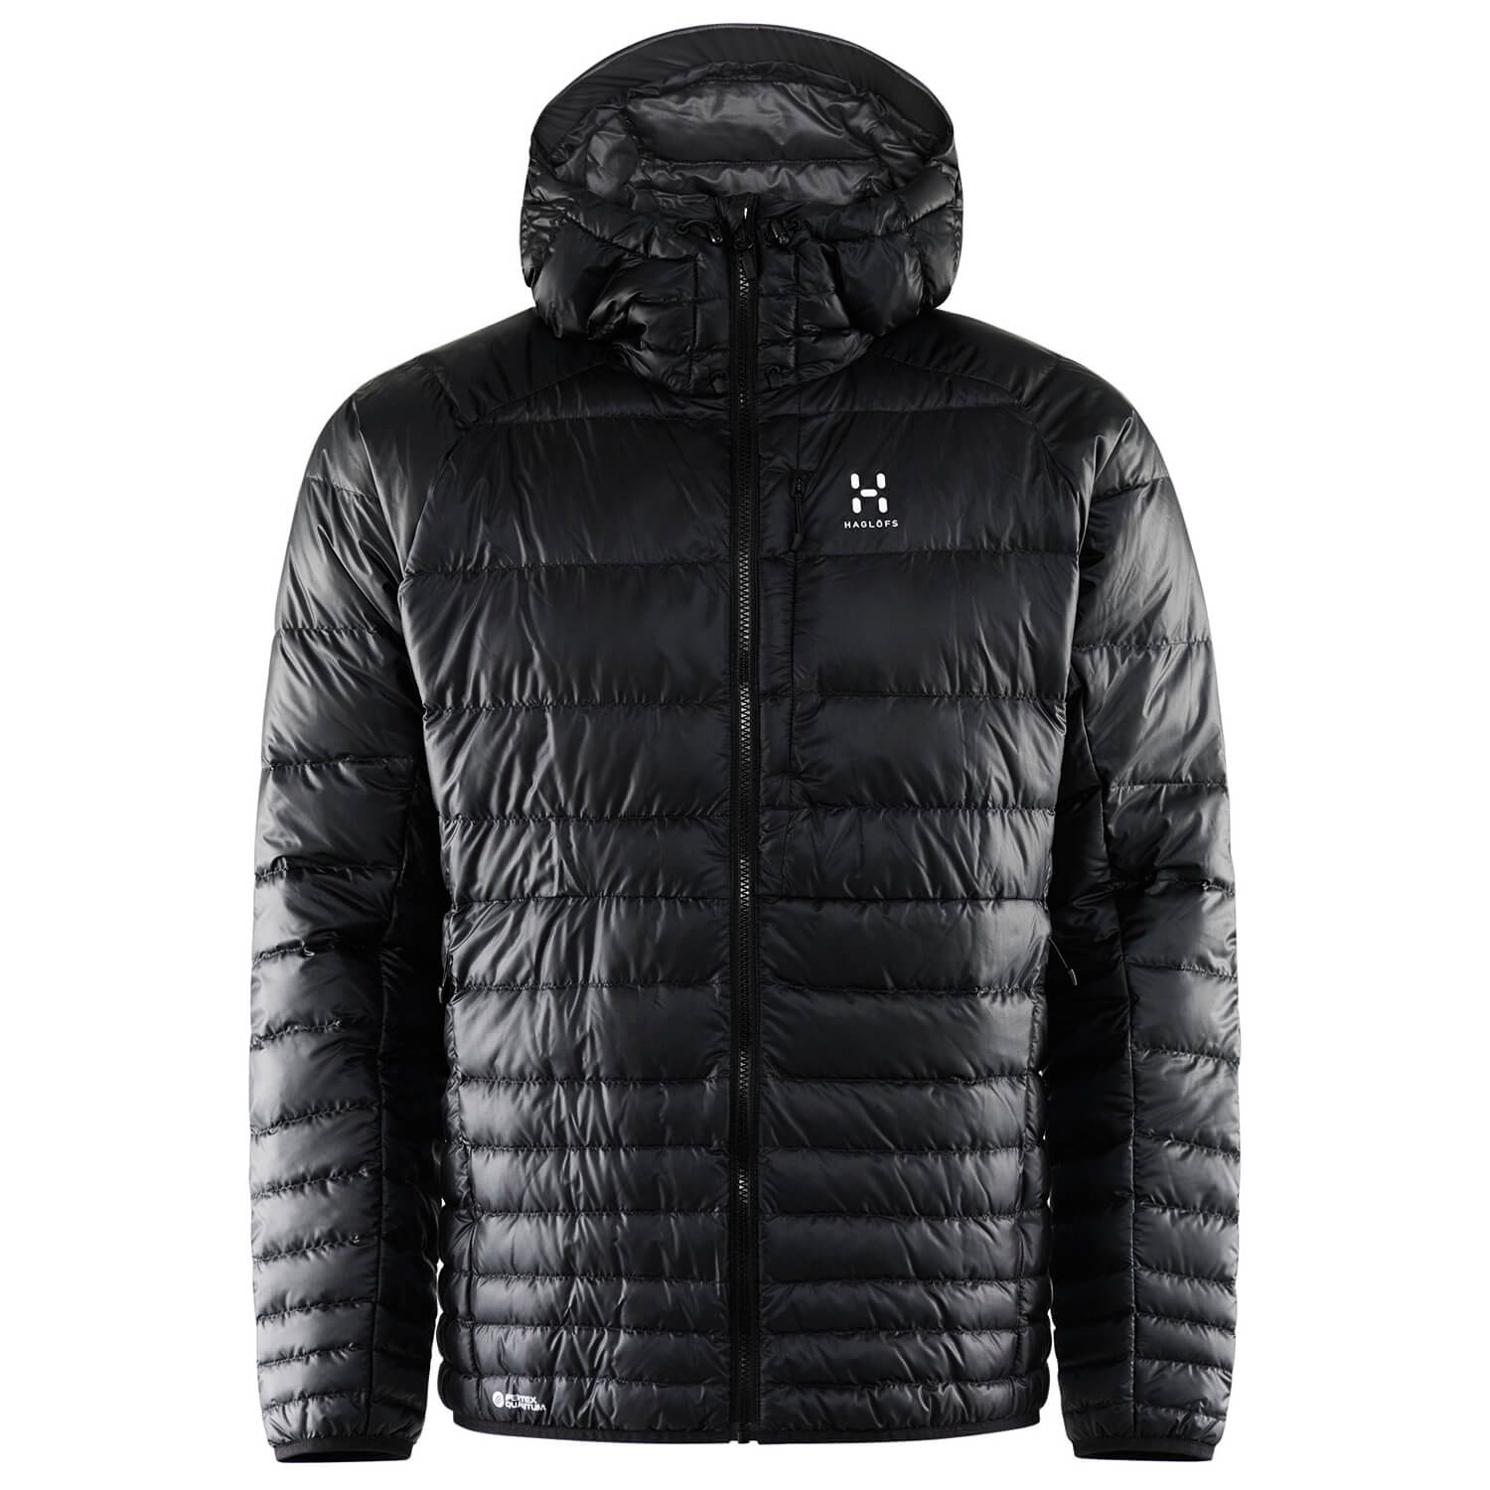 Купить Куртку The North Face